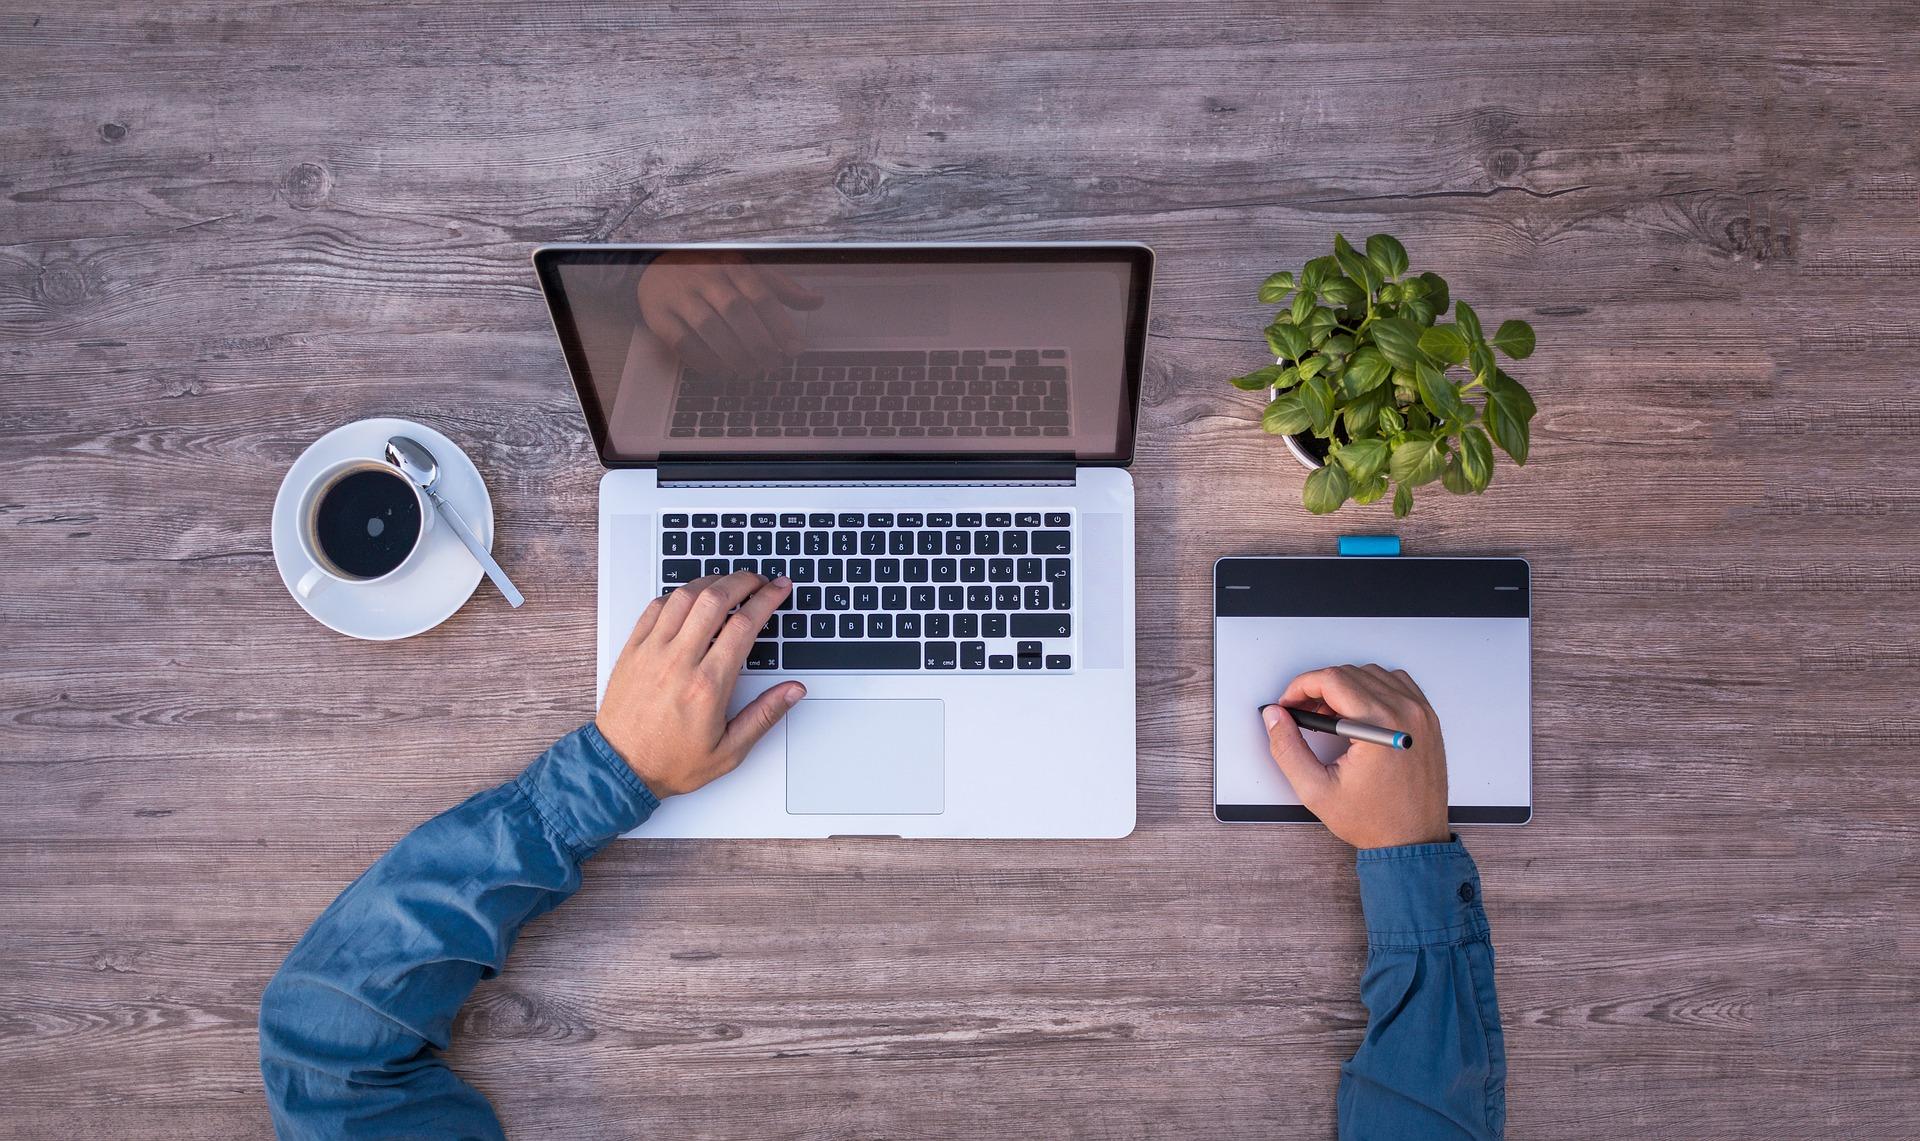 Les associations Françaises passent le cap du digitalen 2018